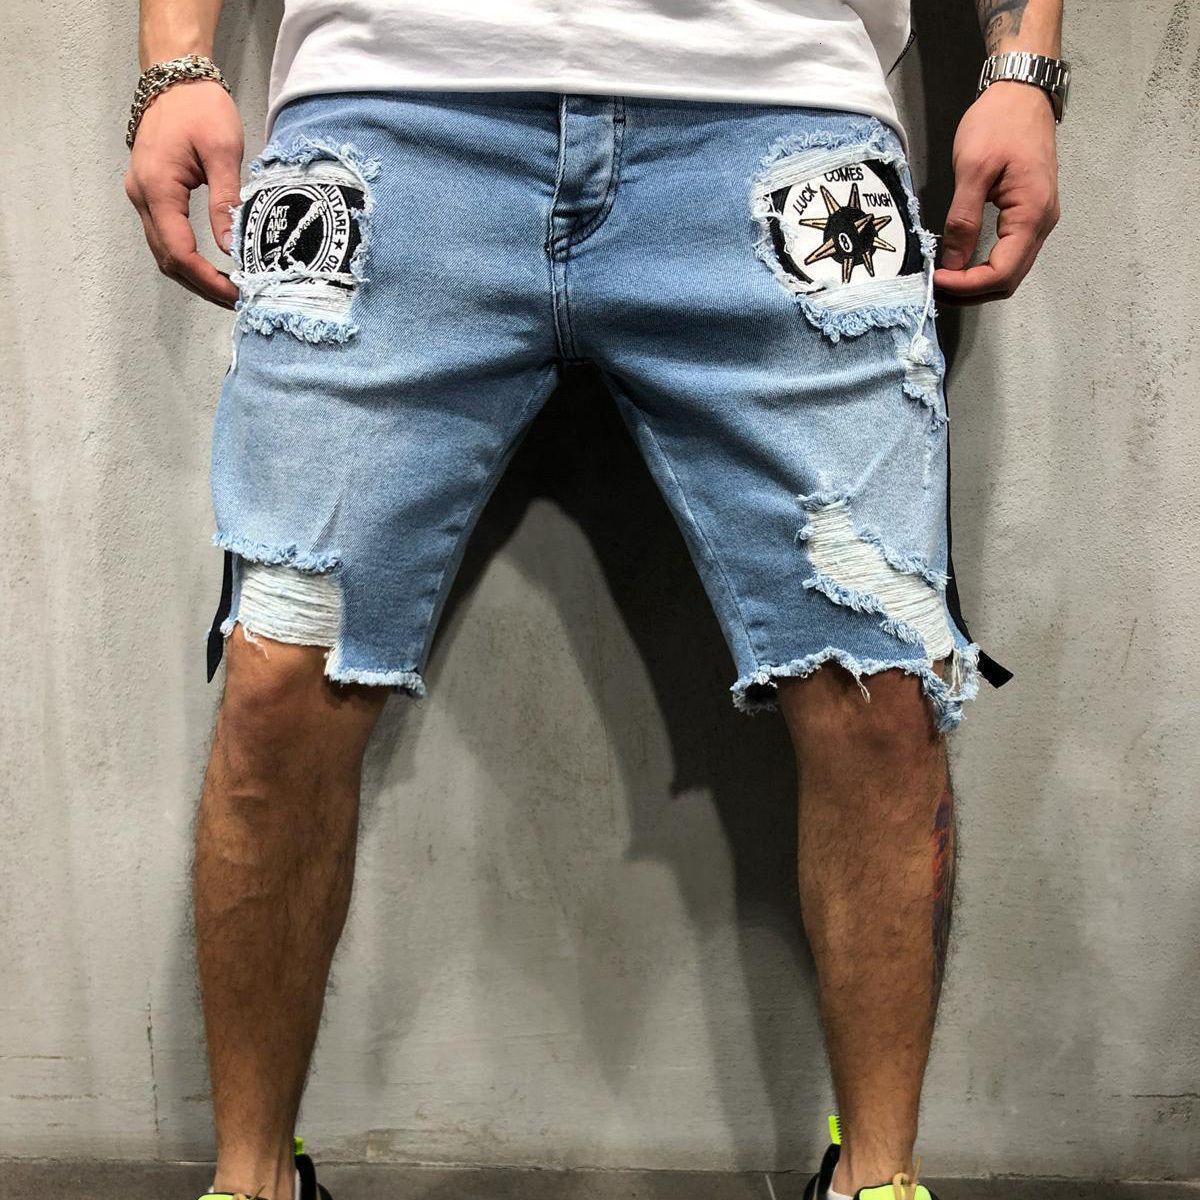 2021 Новые Мужские дыры Вышитые короткие джинсы тонкие долевые длины колена мужские повседневные тонкие летние джинсовые штаны классические GNS4